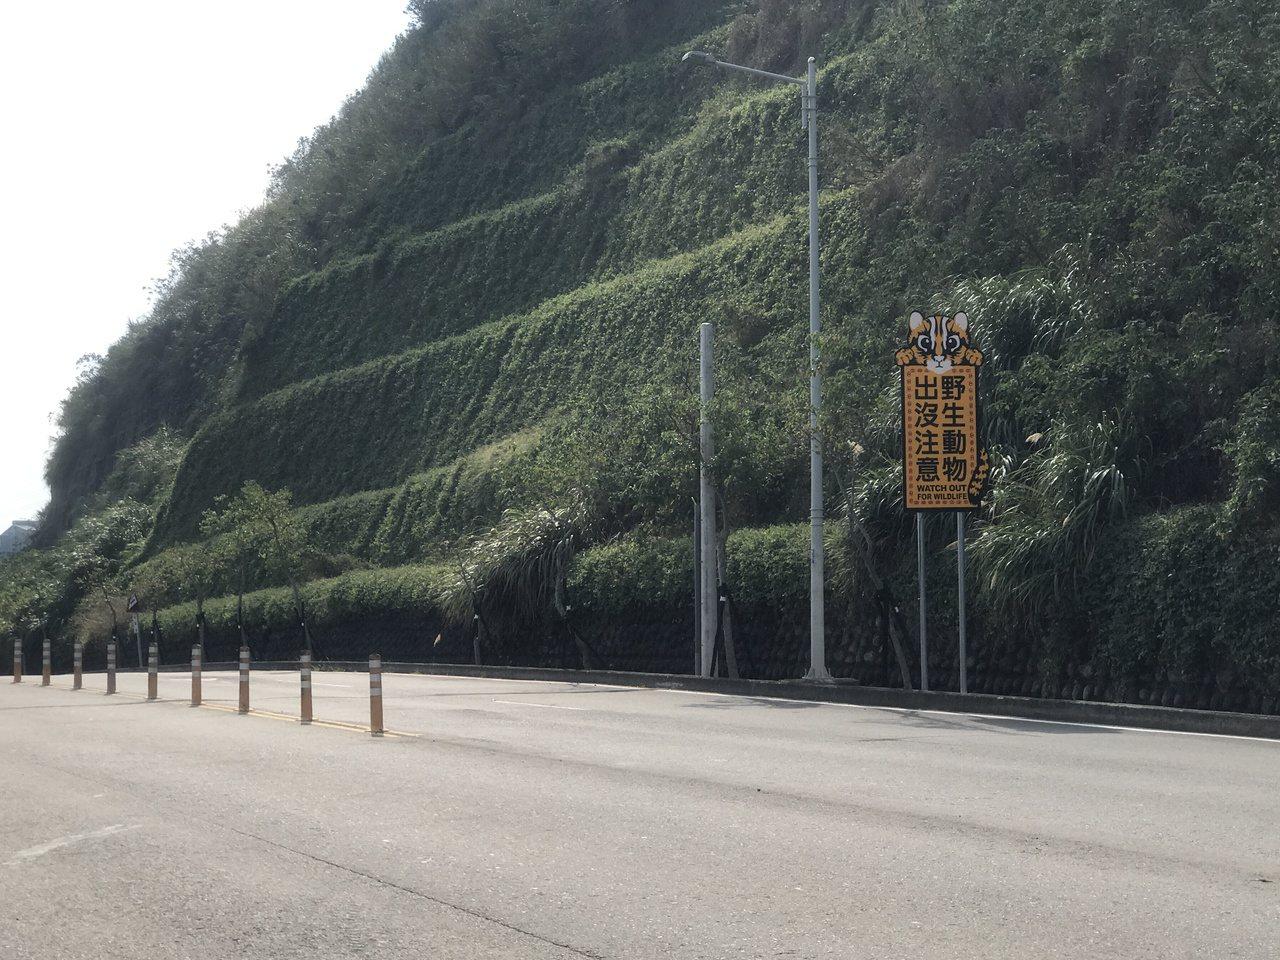 苗縣府在苗29線設置「野生動物出沒注意」告示牌,提醒民眾該路段有石虎出沒。記者劉...